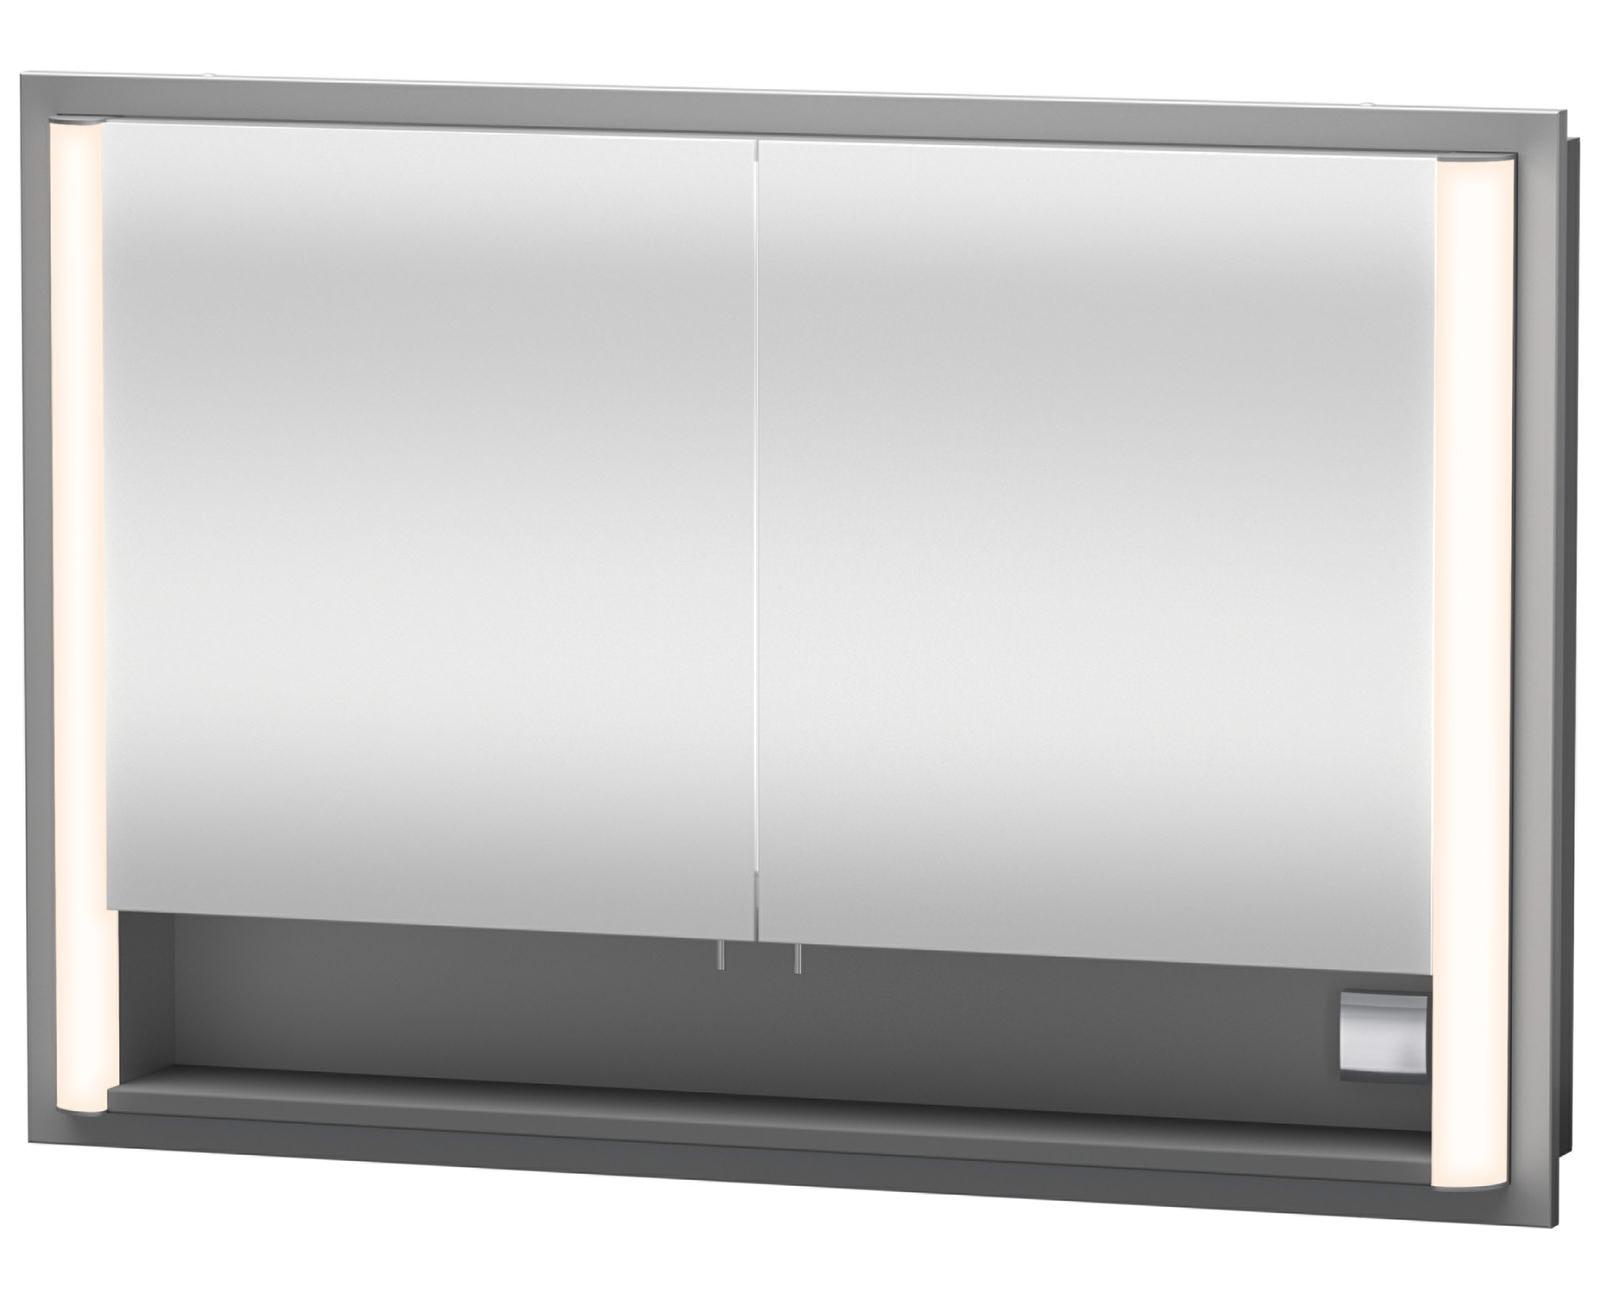 Duravit Aluminium White 800mm Built-In Mirror Cabinet